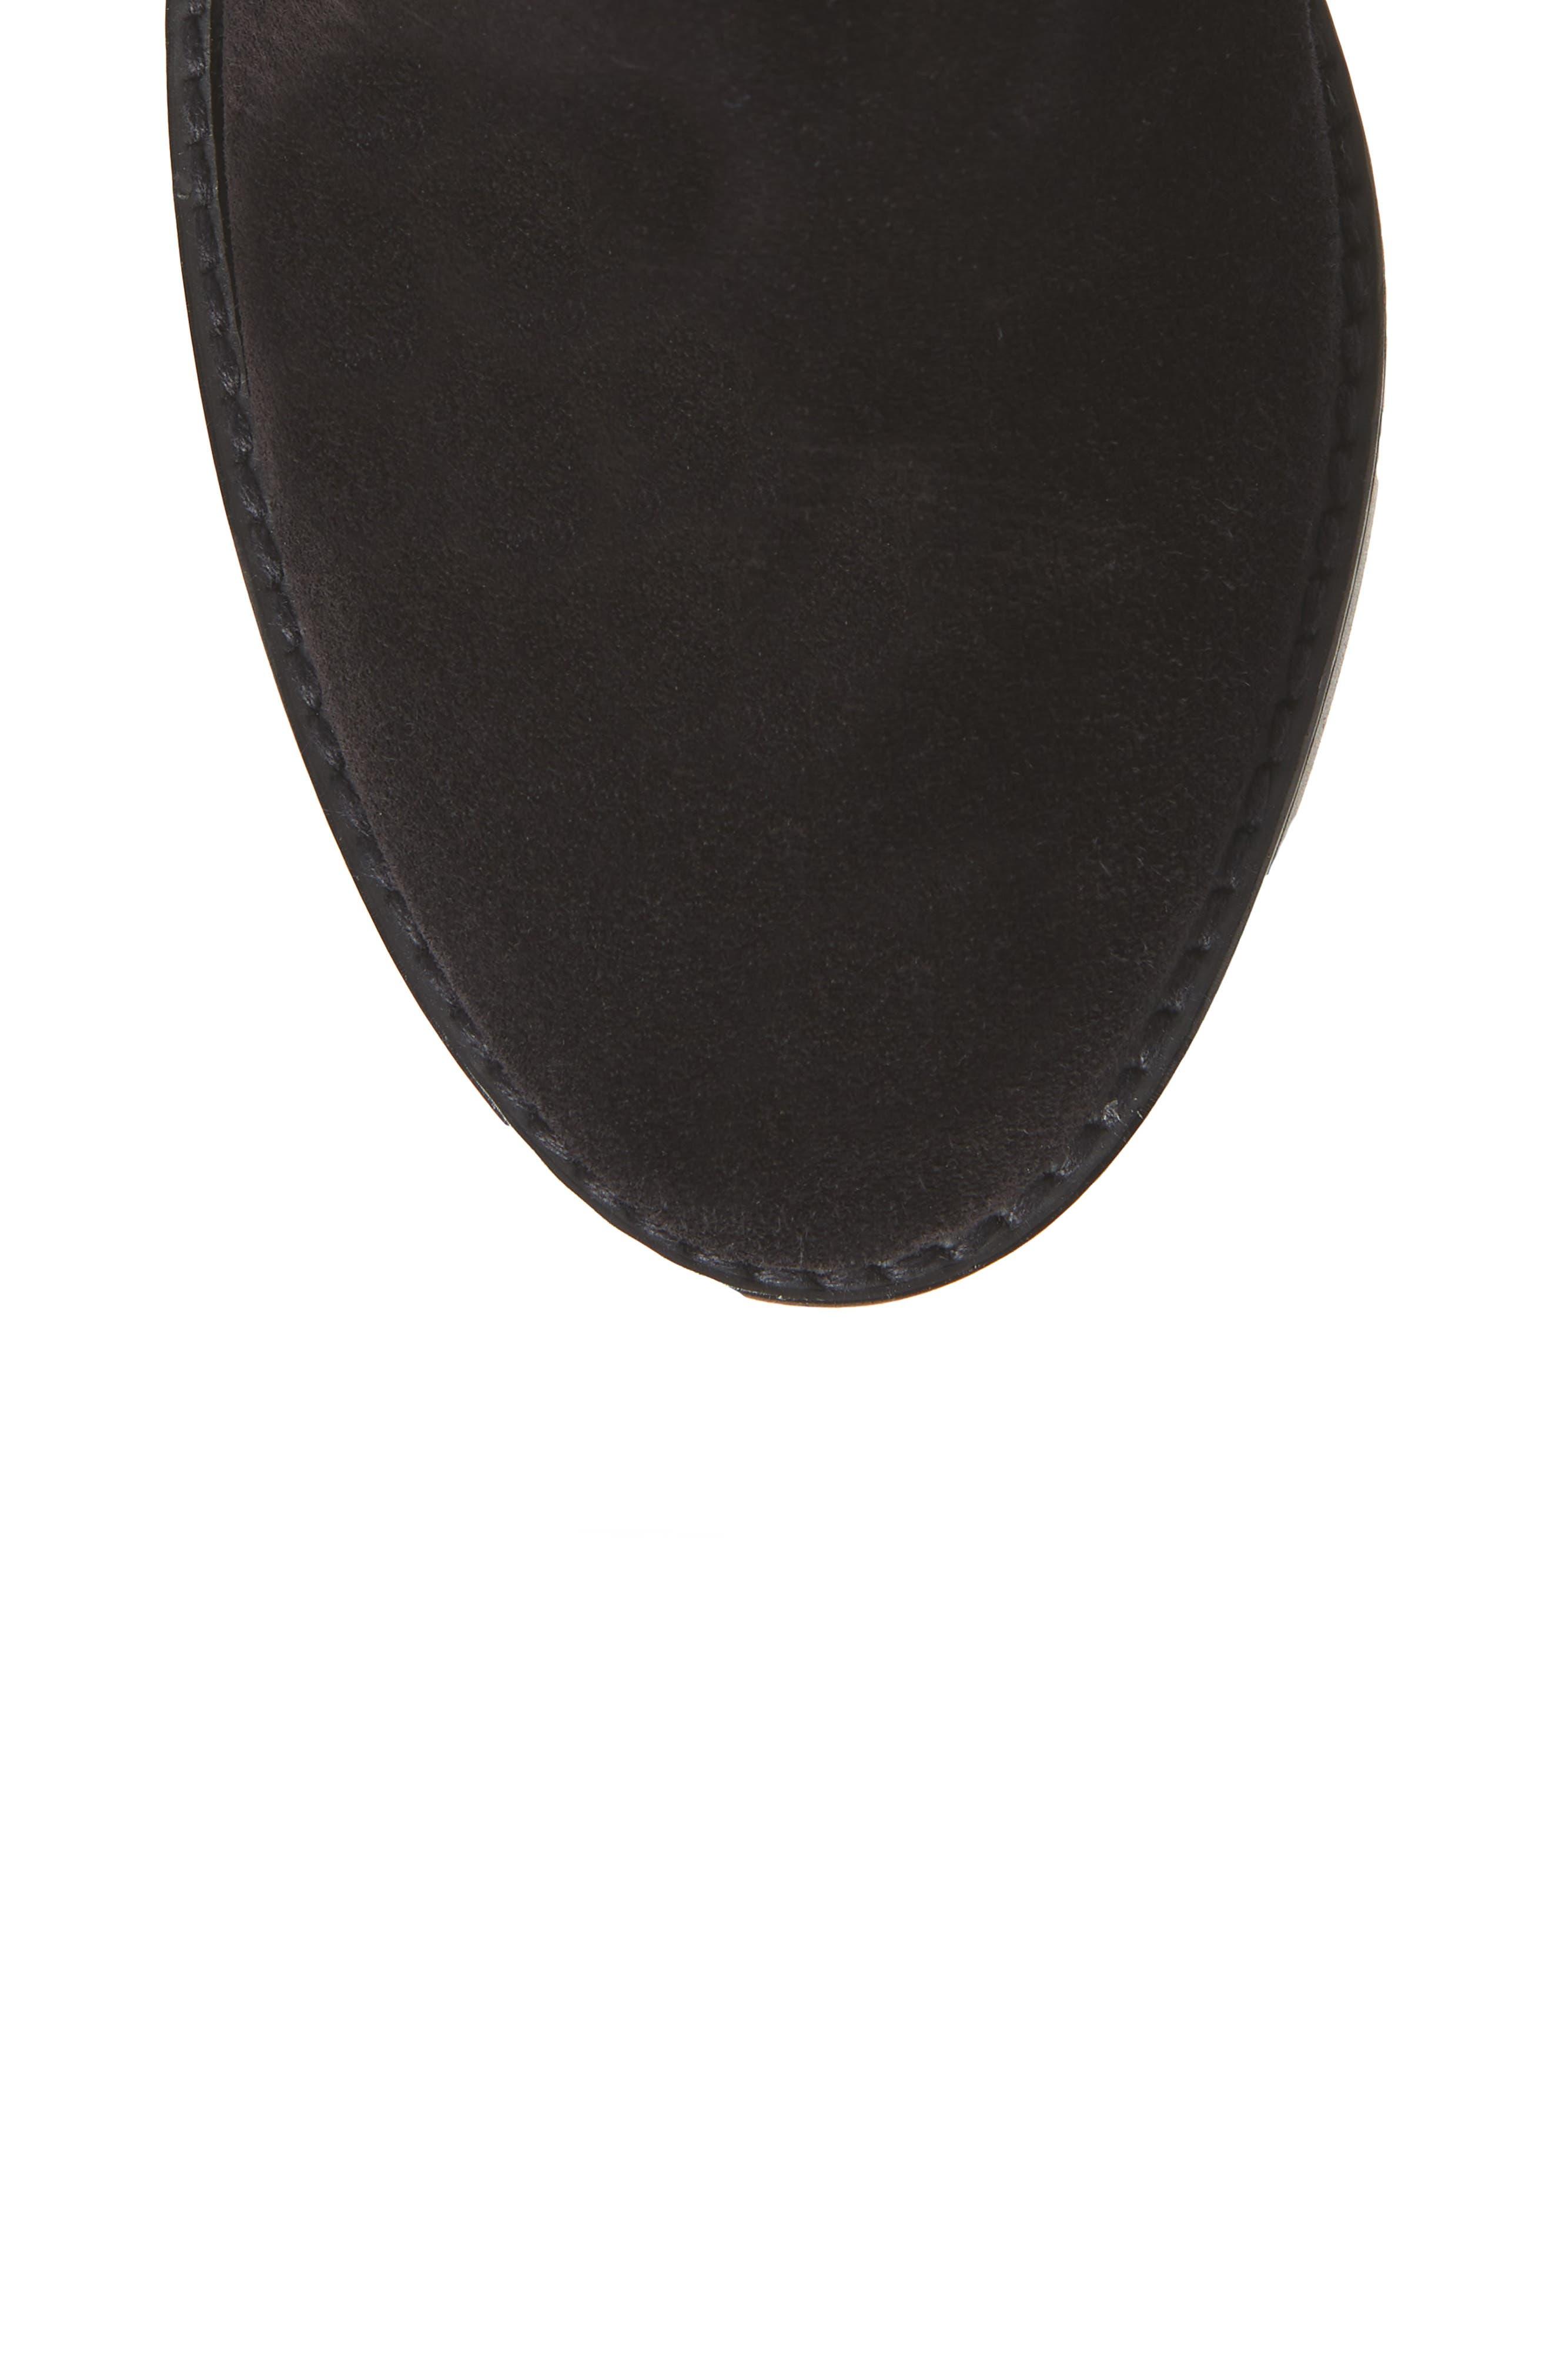 Morrison Knee High Boot,                             Alternate thumbnail 5, color,                             BLACK FEZ